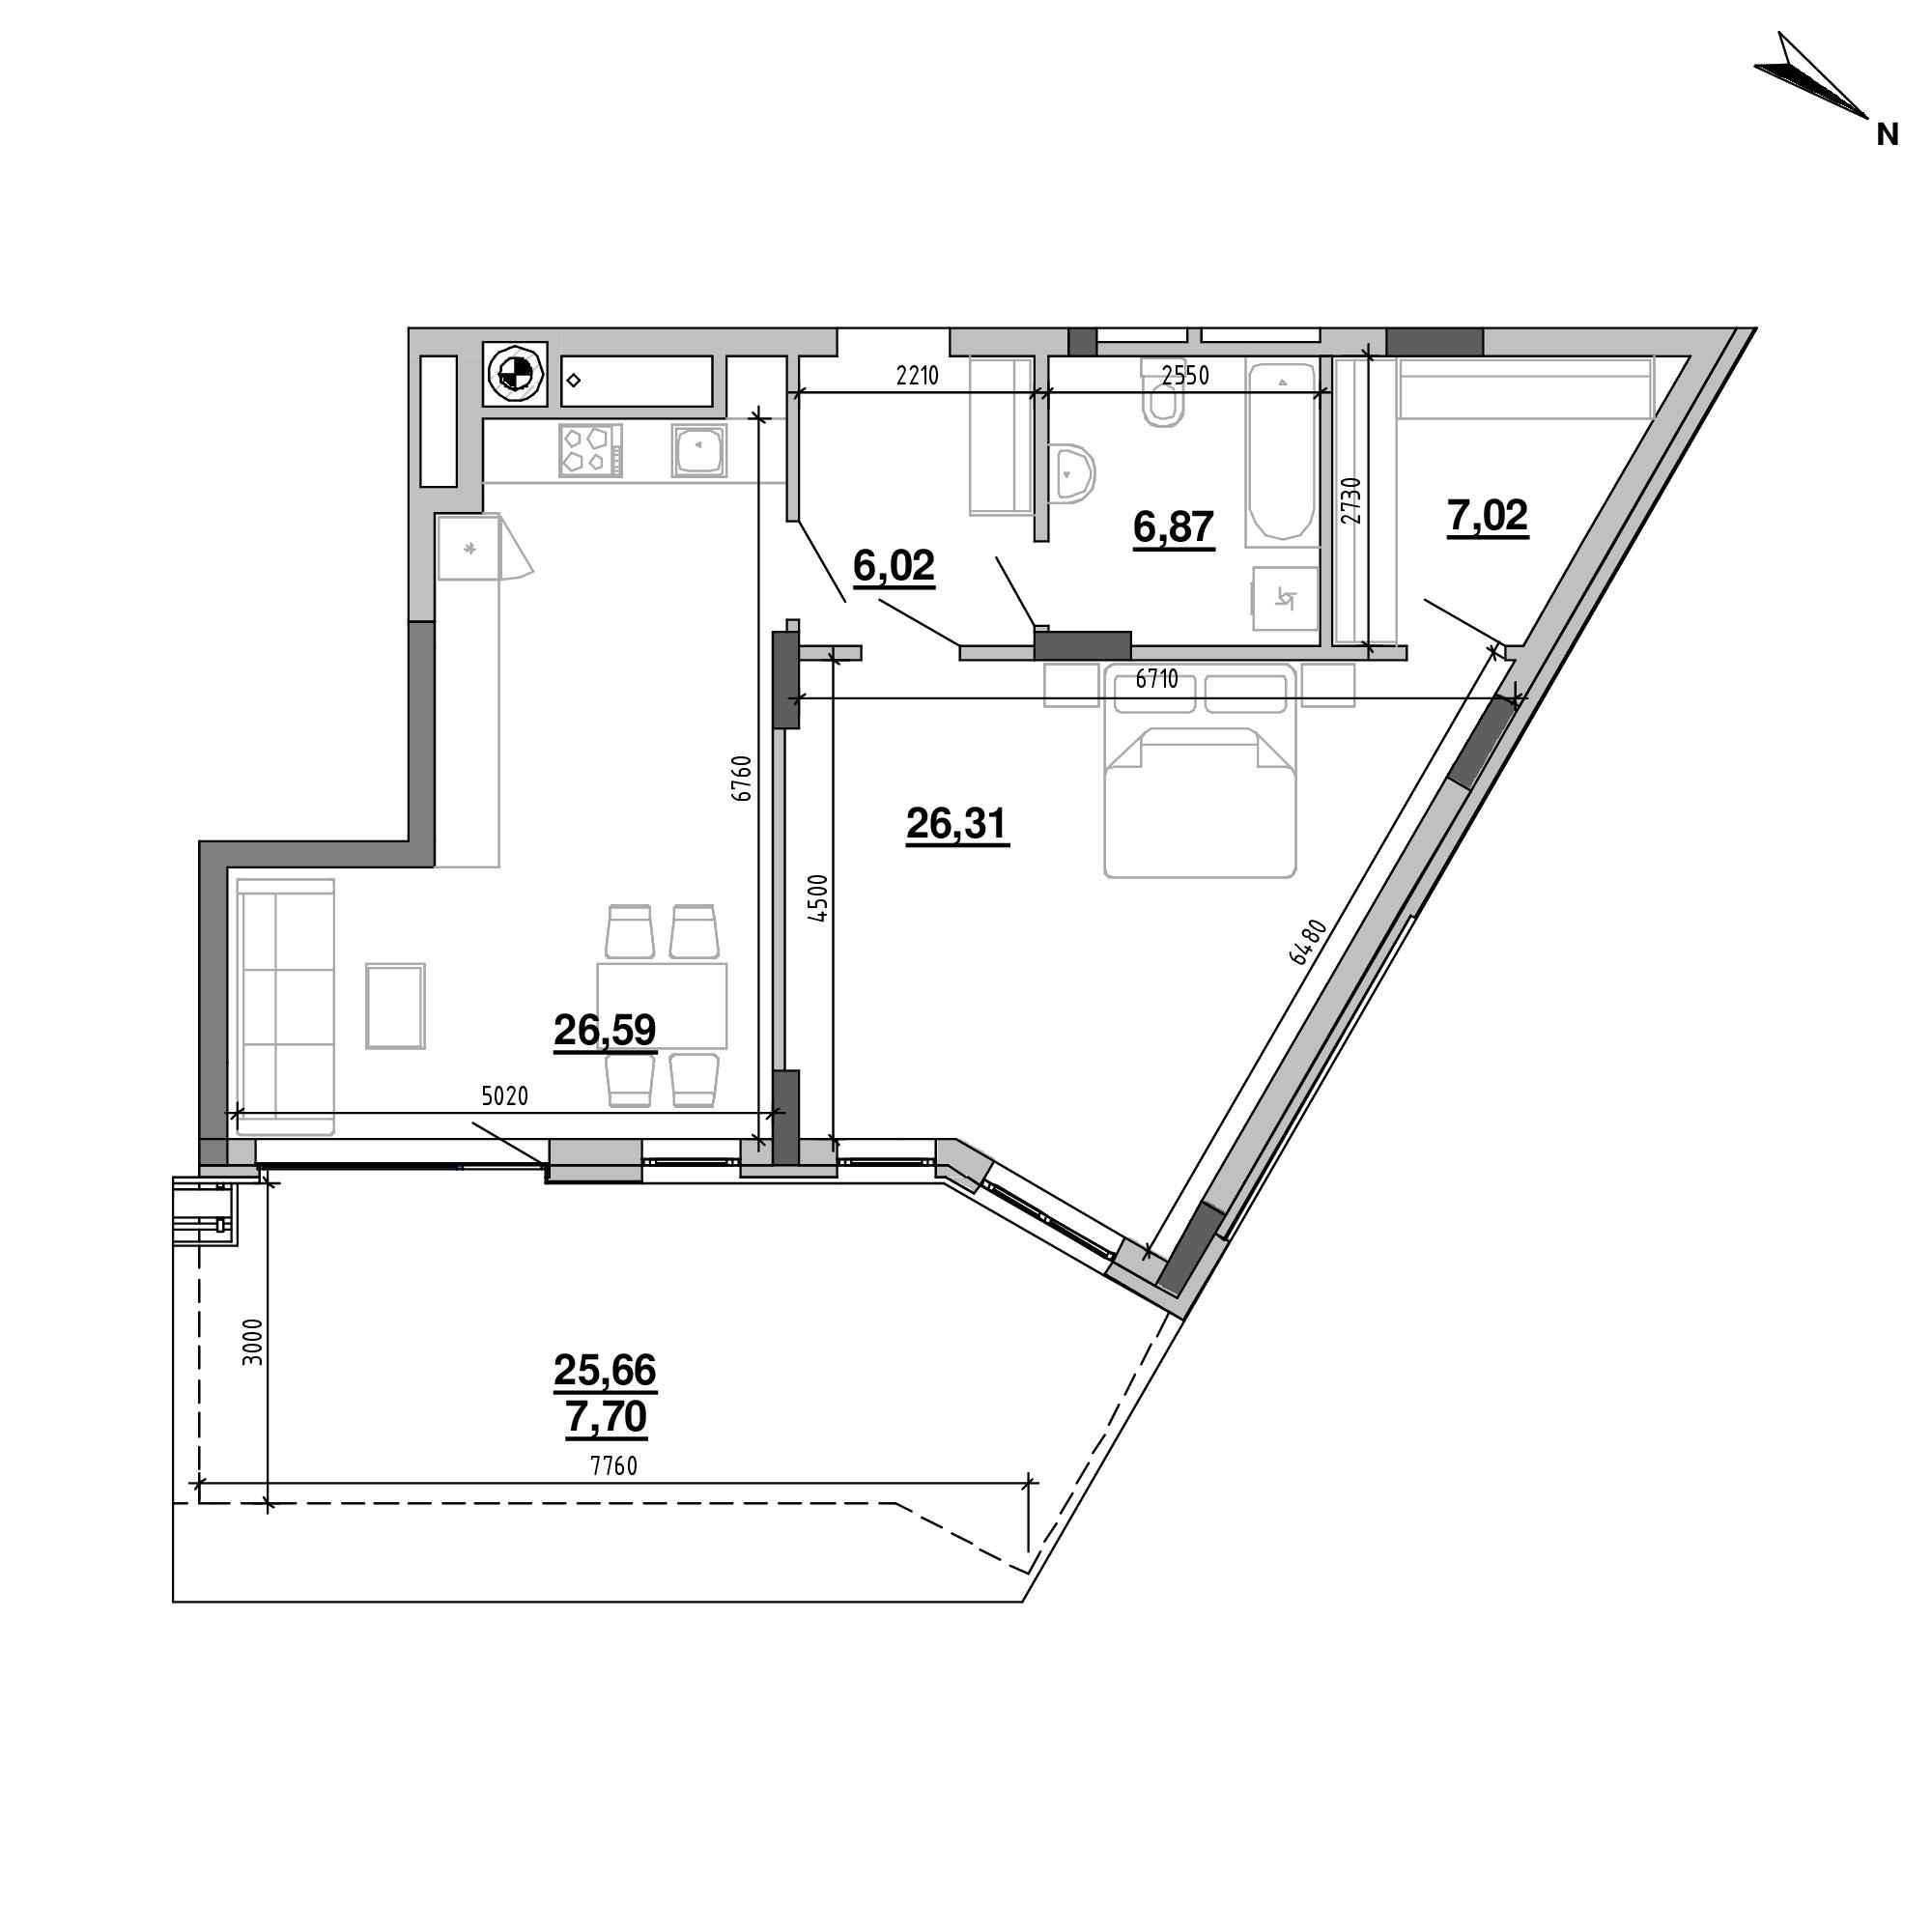 ЖК Підзамче. Вежа: планування 2-кімнатної квартири, №7, 80.51 м<sup>2</sup>